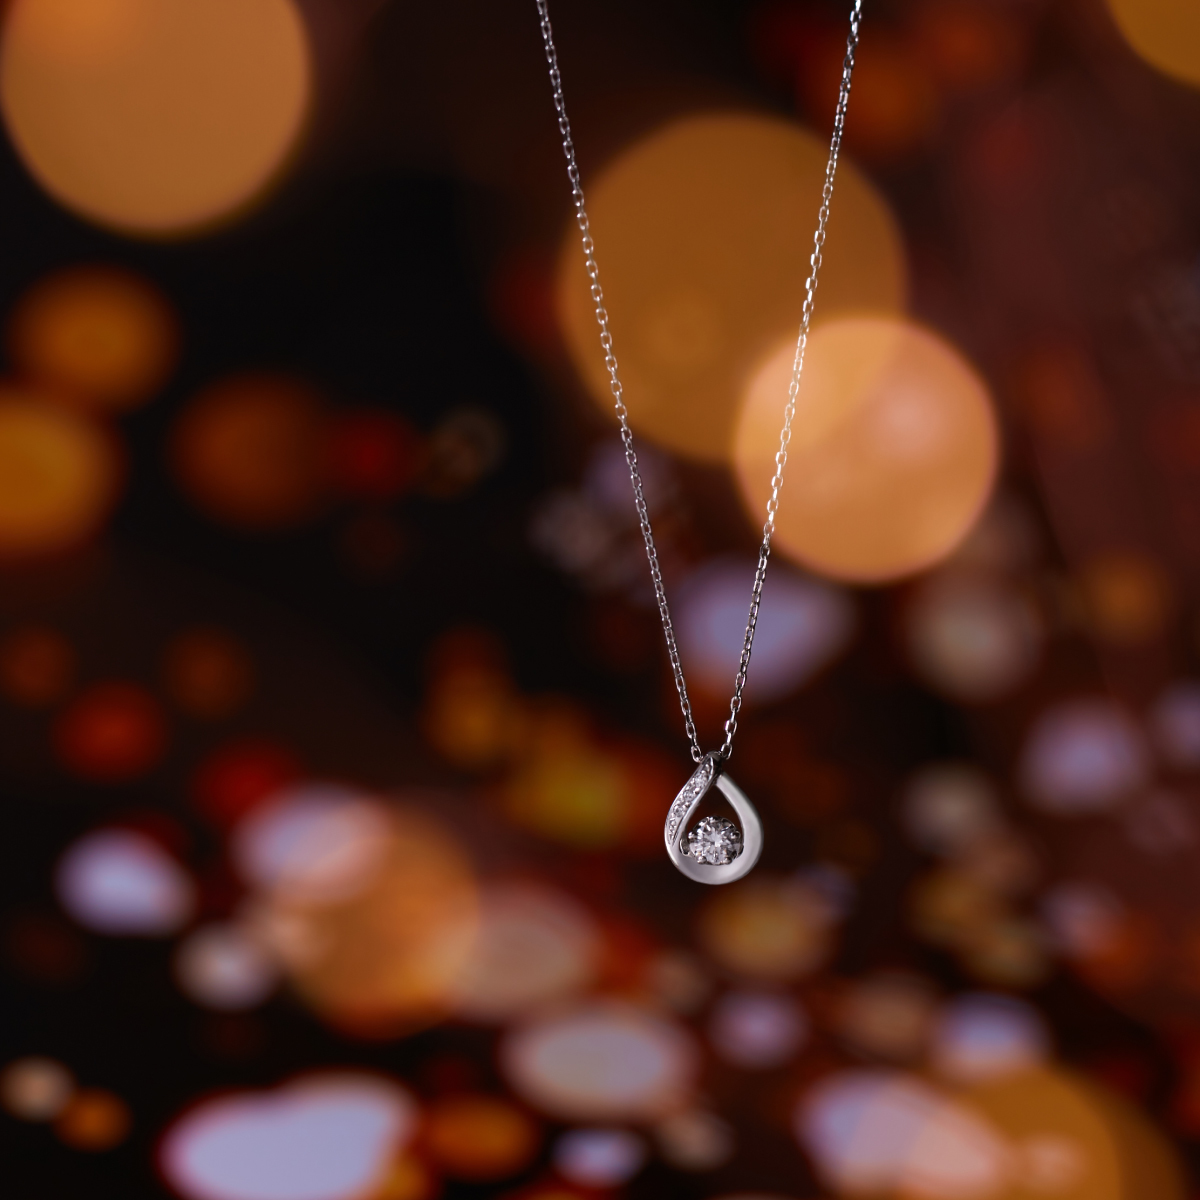 4℃のダイヤモンドネックレス